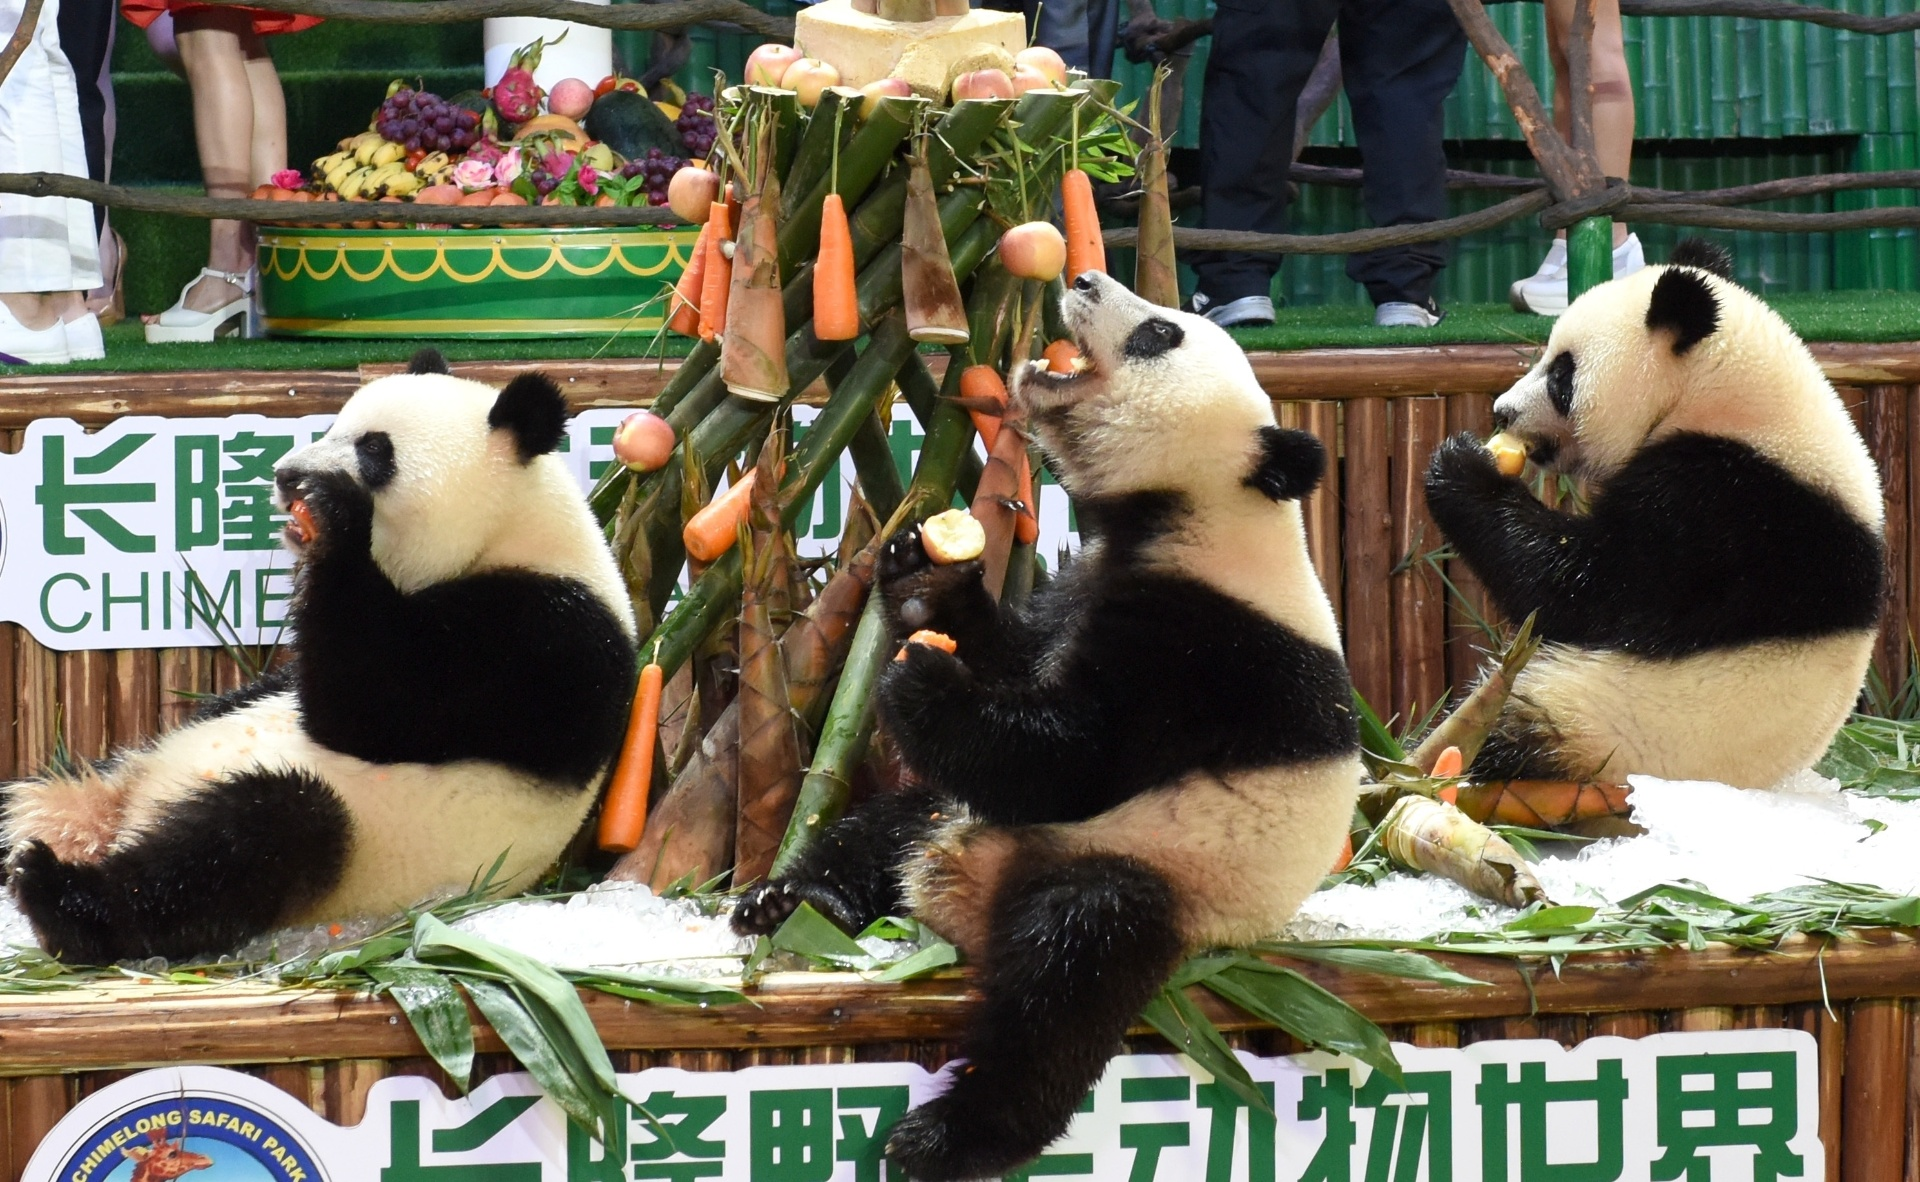 29.jul.2016 - Pandas-gigantes trigêmeos comem bambus e cenouras durante festa de aniversário em Guangzhou, na China. O trio celebra o segundo aniversário como únicos pandas trigêmeos sobreviventes do mundo